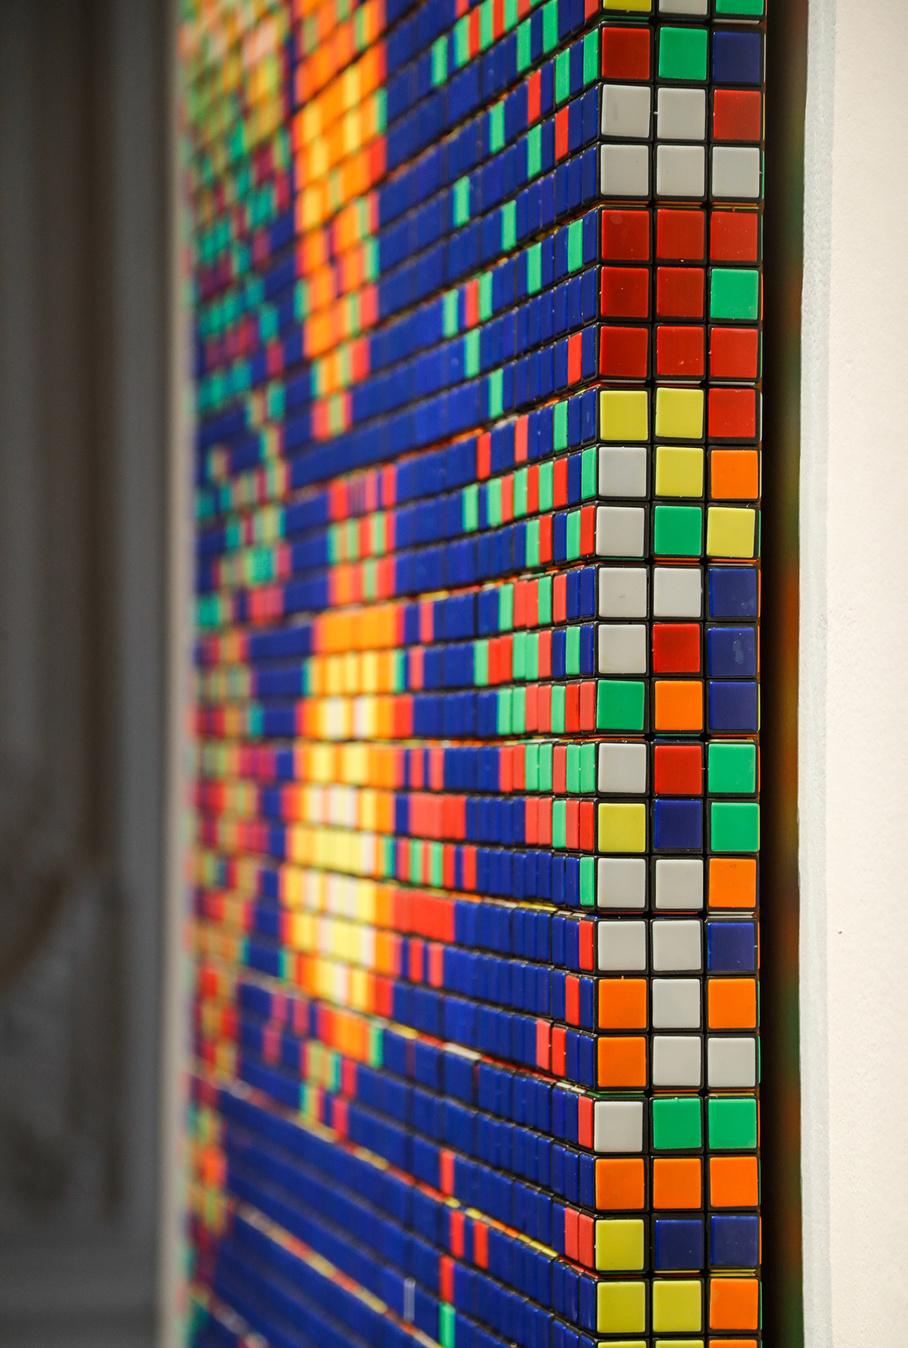 330 Rubik's Cubes ont été nécessaires pour la réalisation de cette Mona Lisa de l'artiste Invader., FRANCOIS GUILLOT / AFP